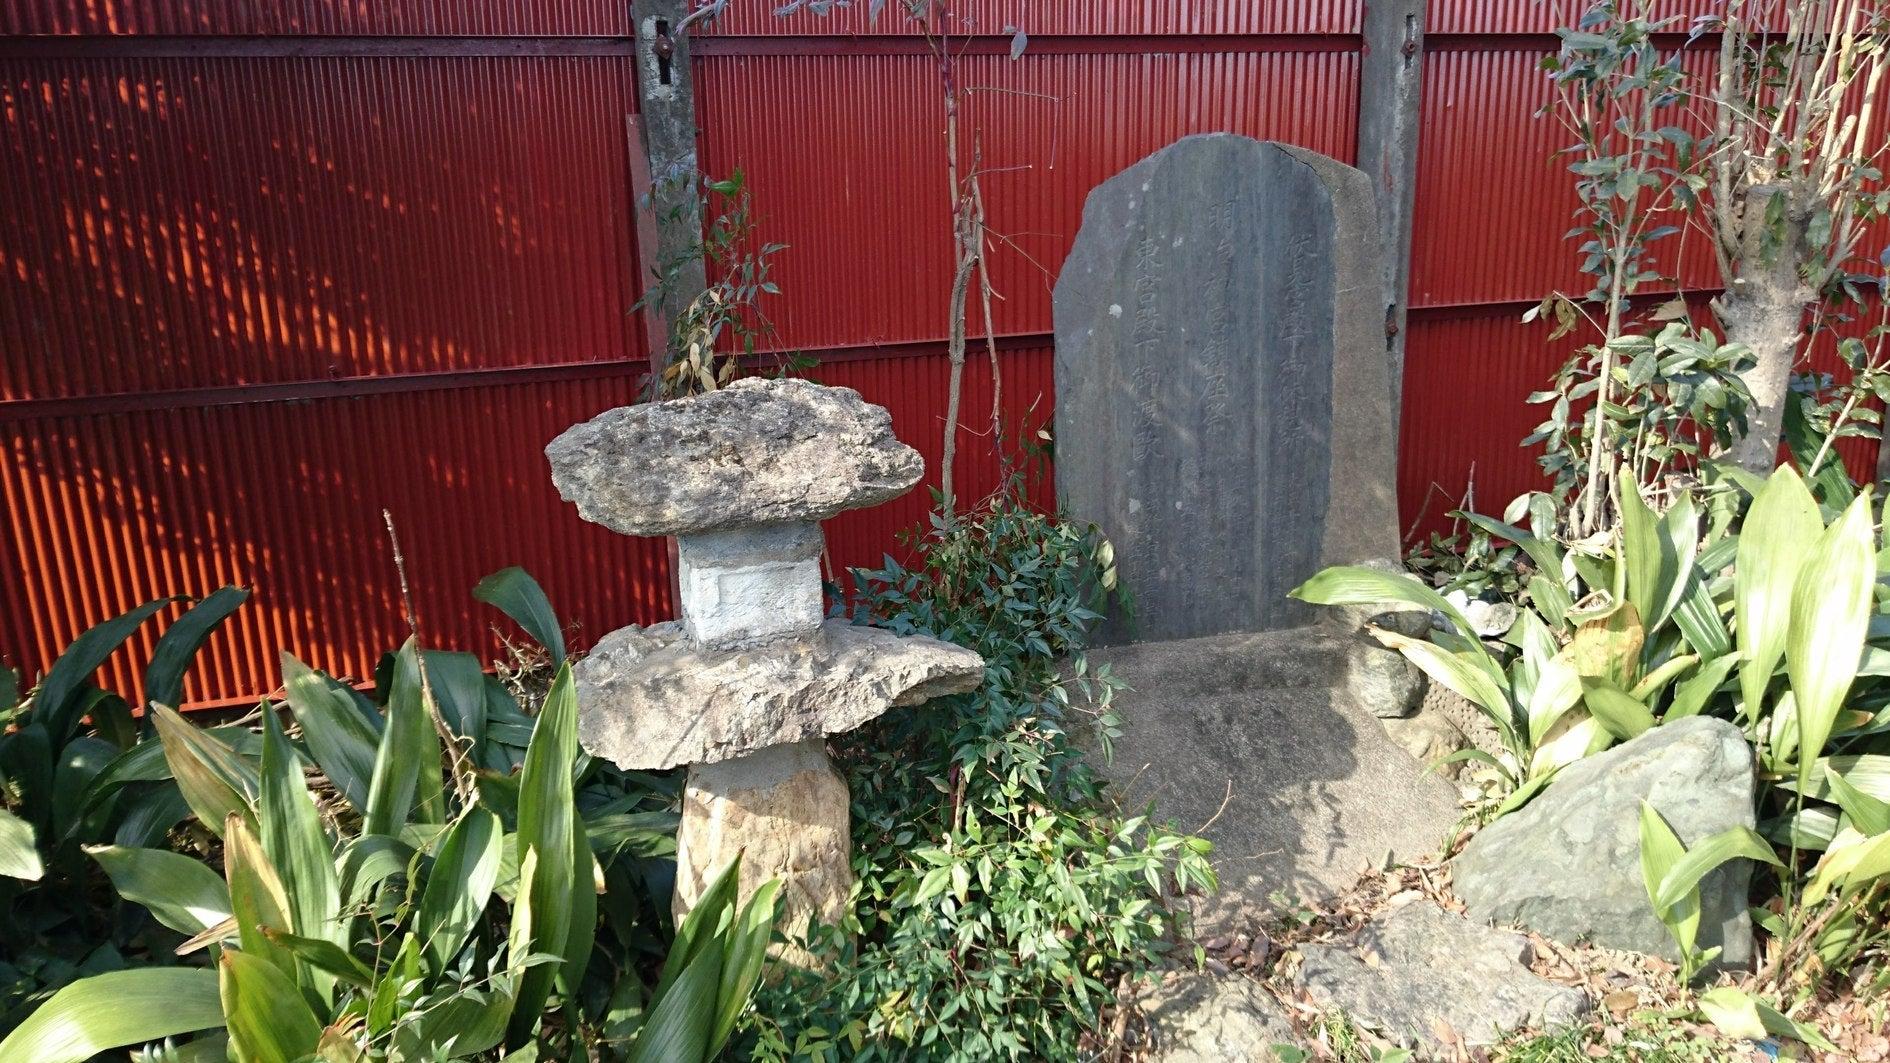 【築120年の古民家】火鉢のある、和みの空間で癒されてください のサムネイル